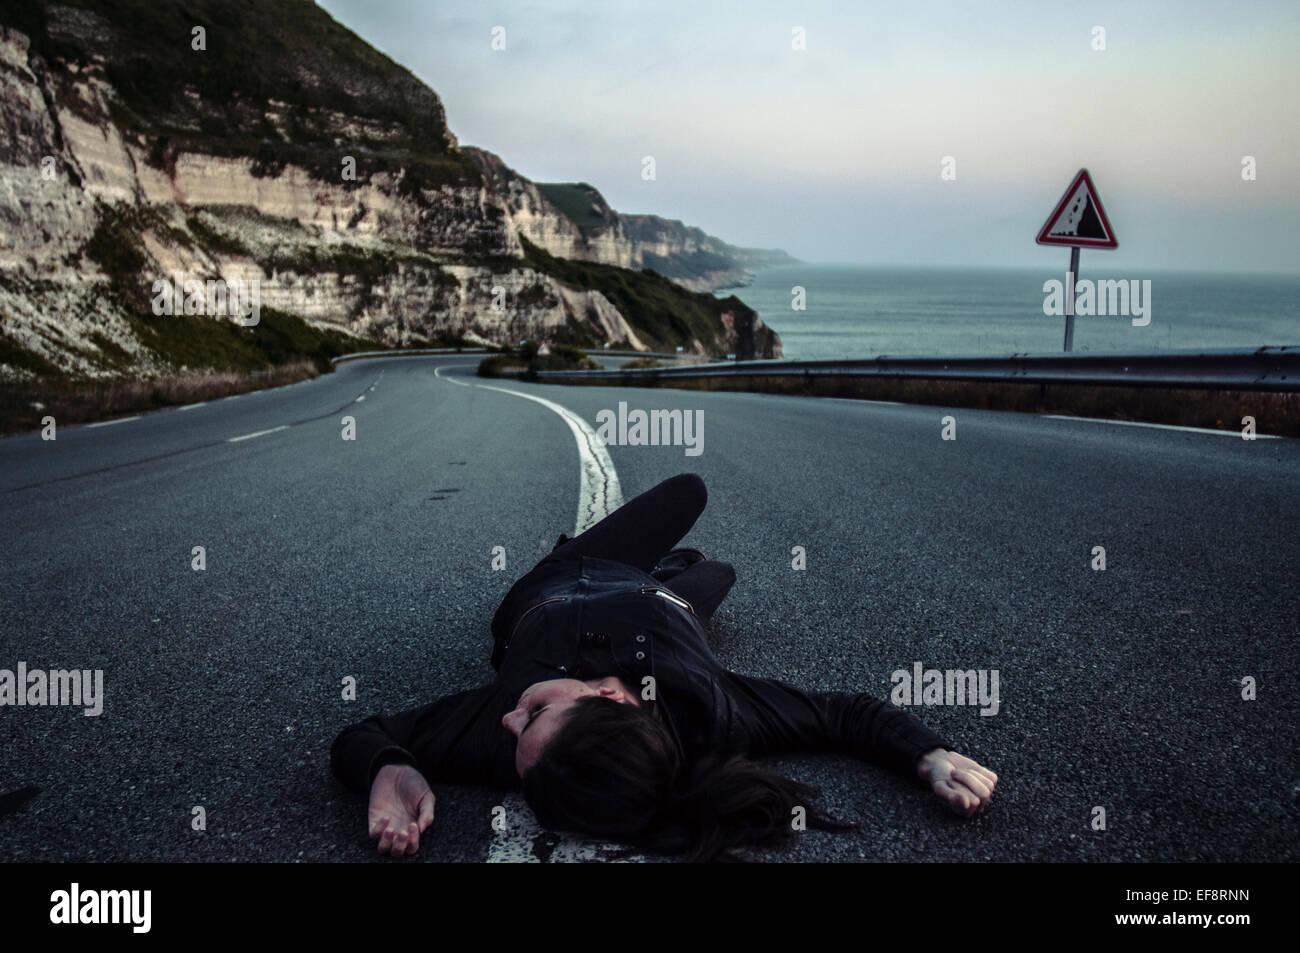 Femme couchée au milieu de la route Photo Stock